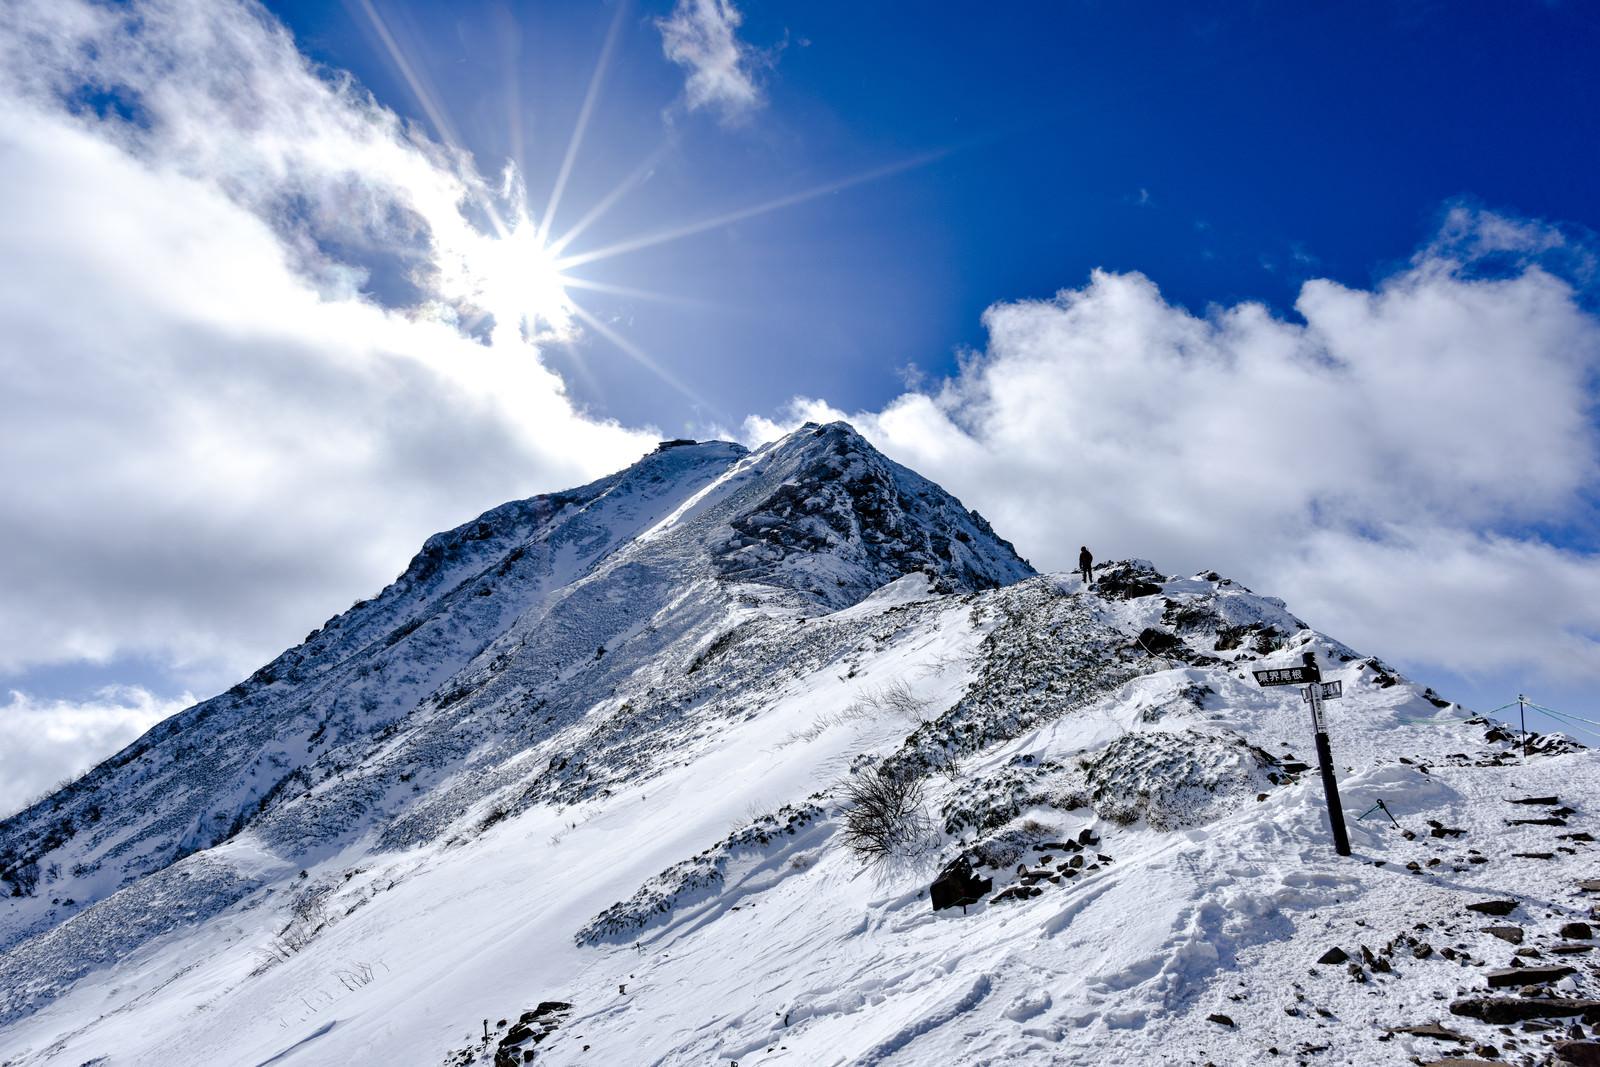 「冬の赤岳山頂を照らす太陽」の写真